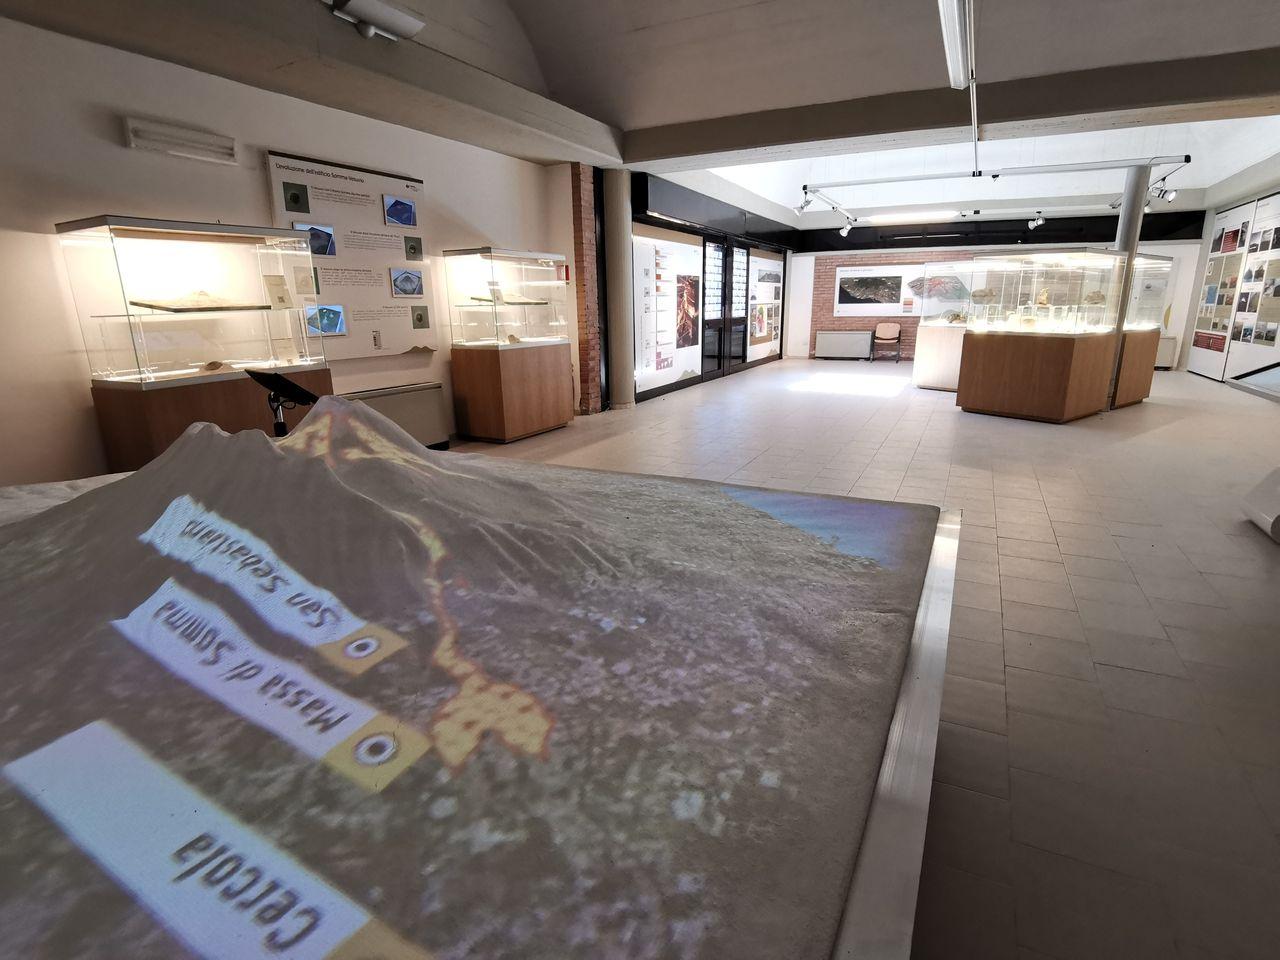 Visita il Museo del Parco Nazionale del Vesuvio a Boscoreale (NA)